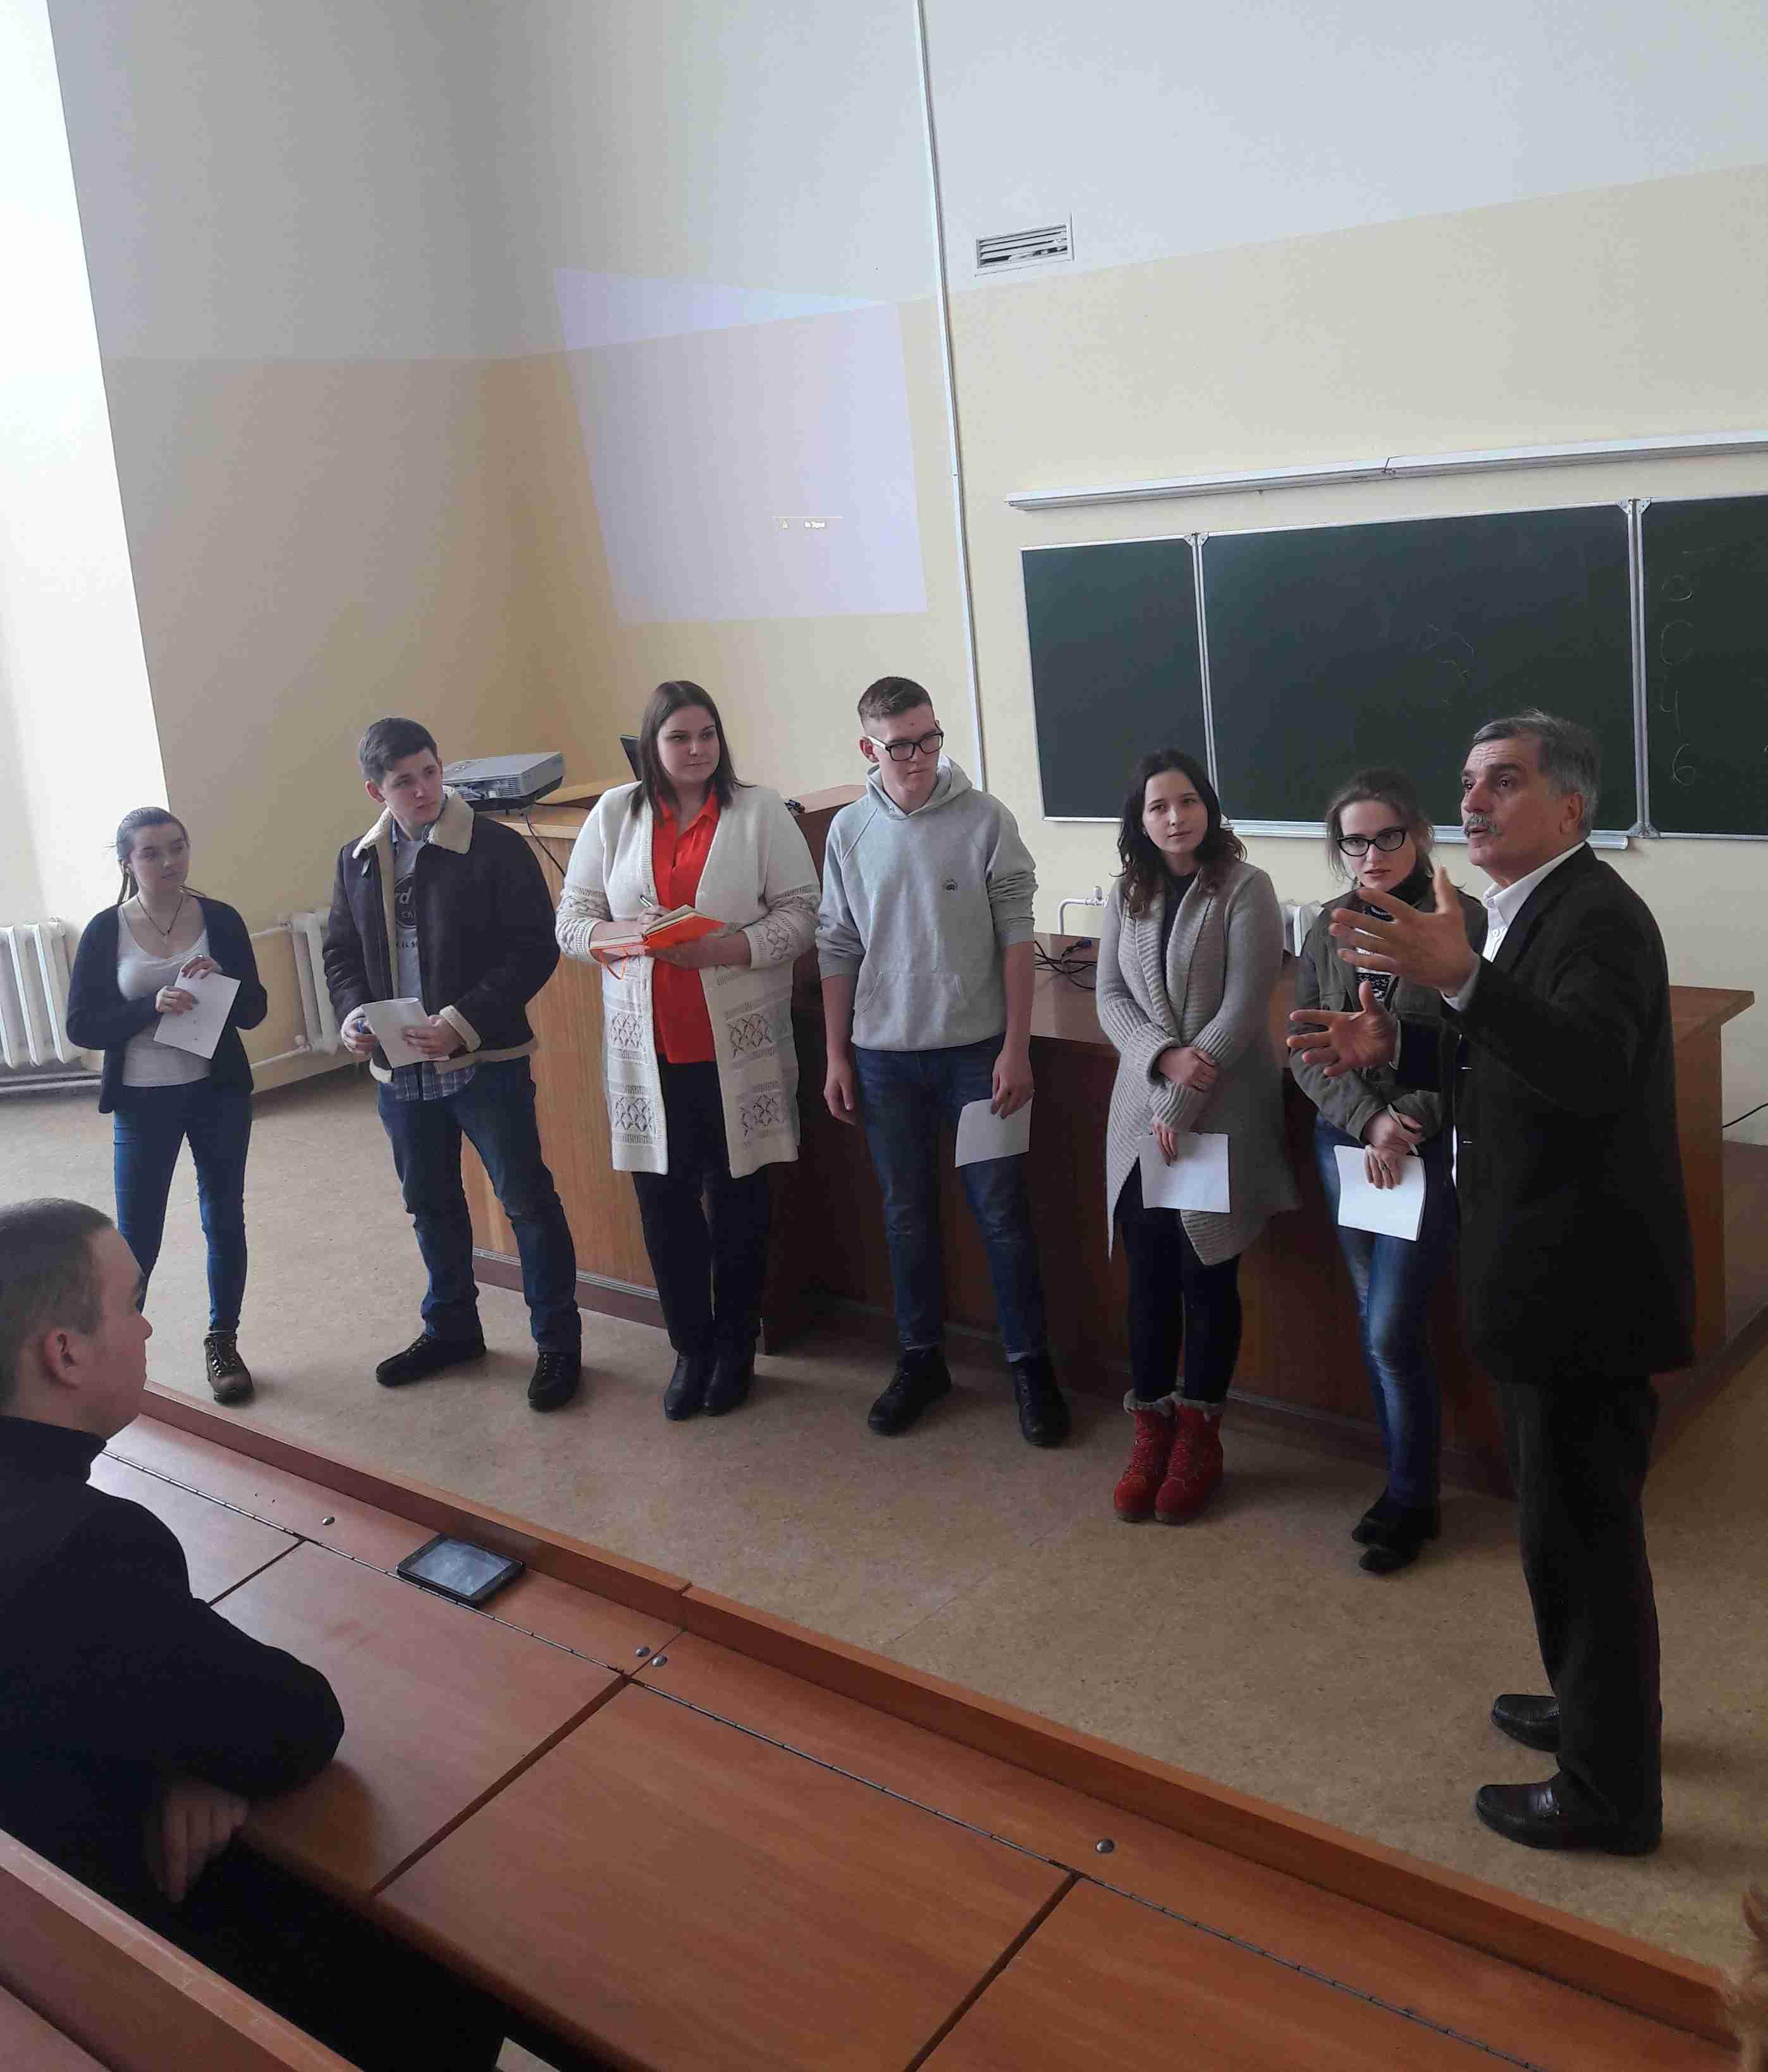 Студентська науково-практична конференція «Актуальні проблеми сучасності в контексті соціально-психологічного знання»